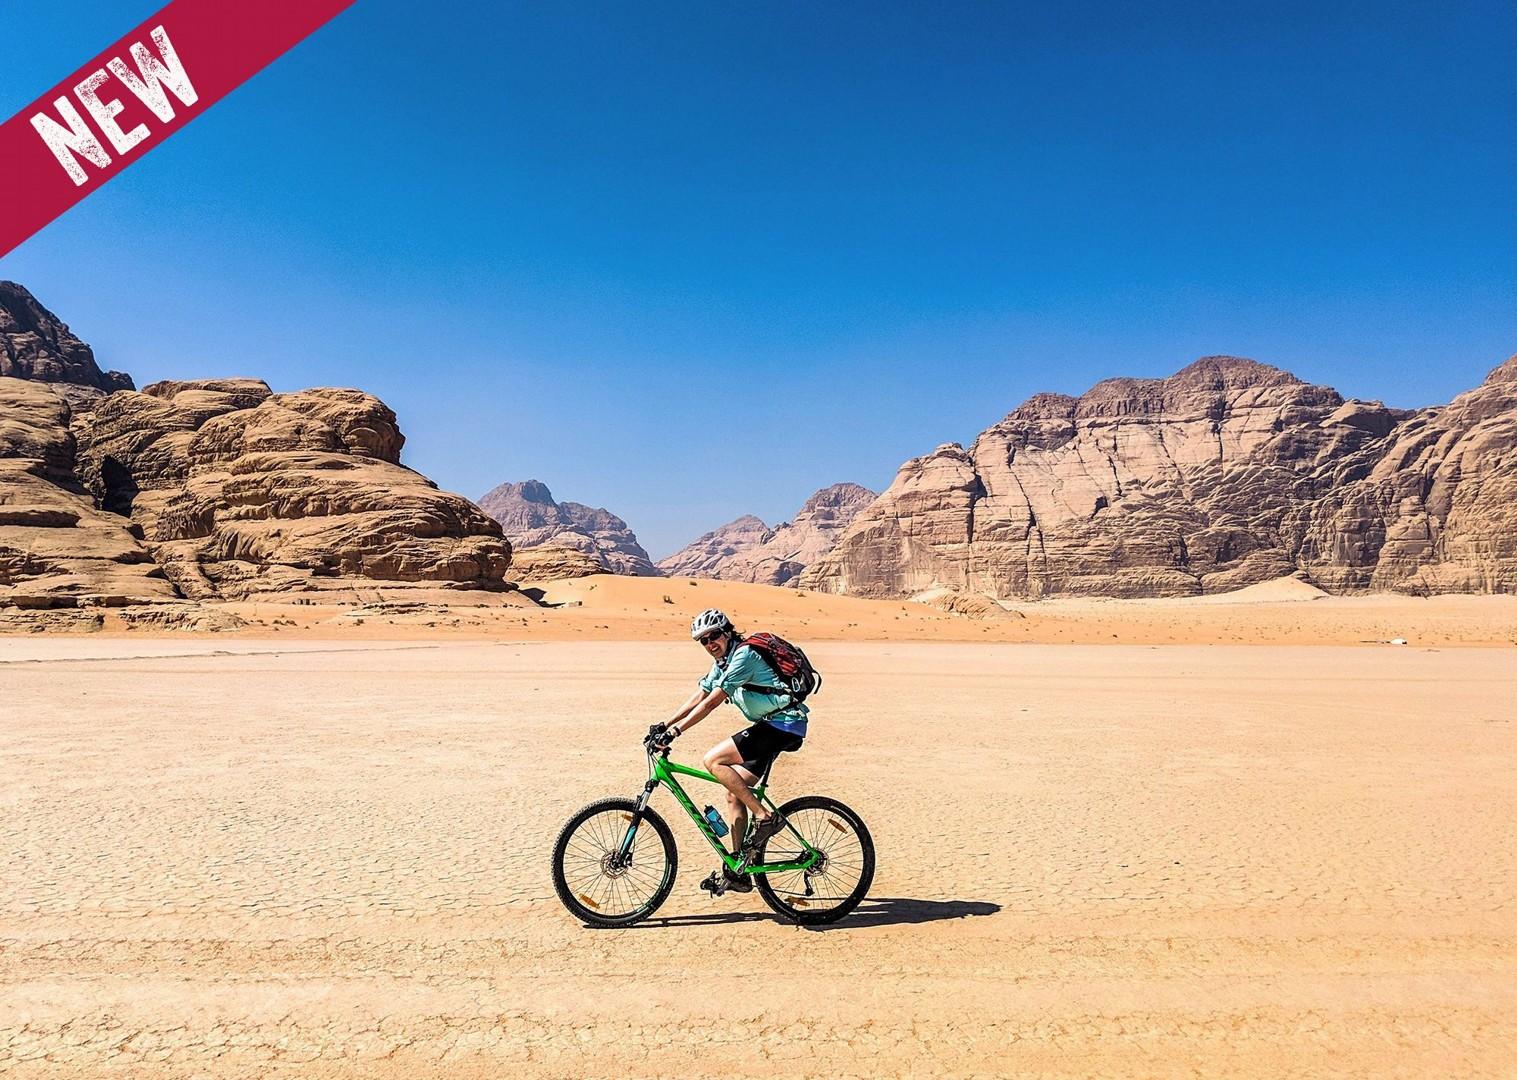 jordan.jpg - NEW! Jordan - Petra, Wadi Rum & the Dead Sea - Cycling Adventures